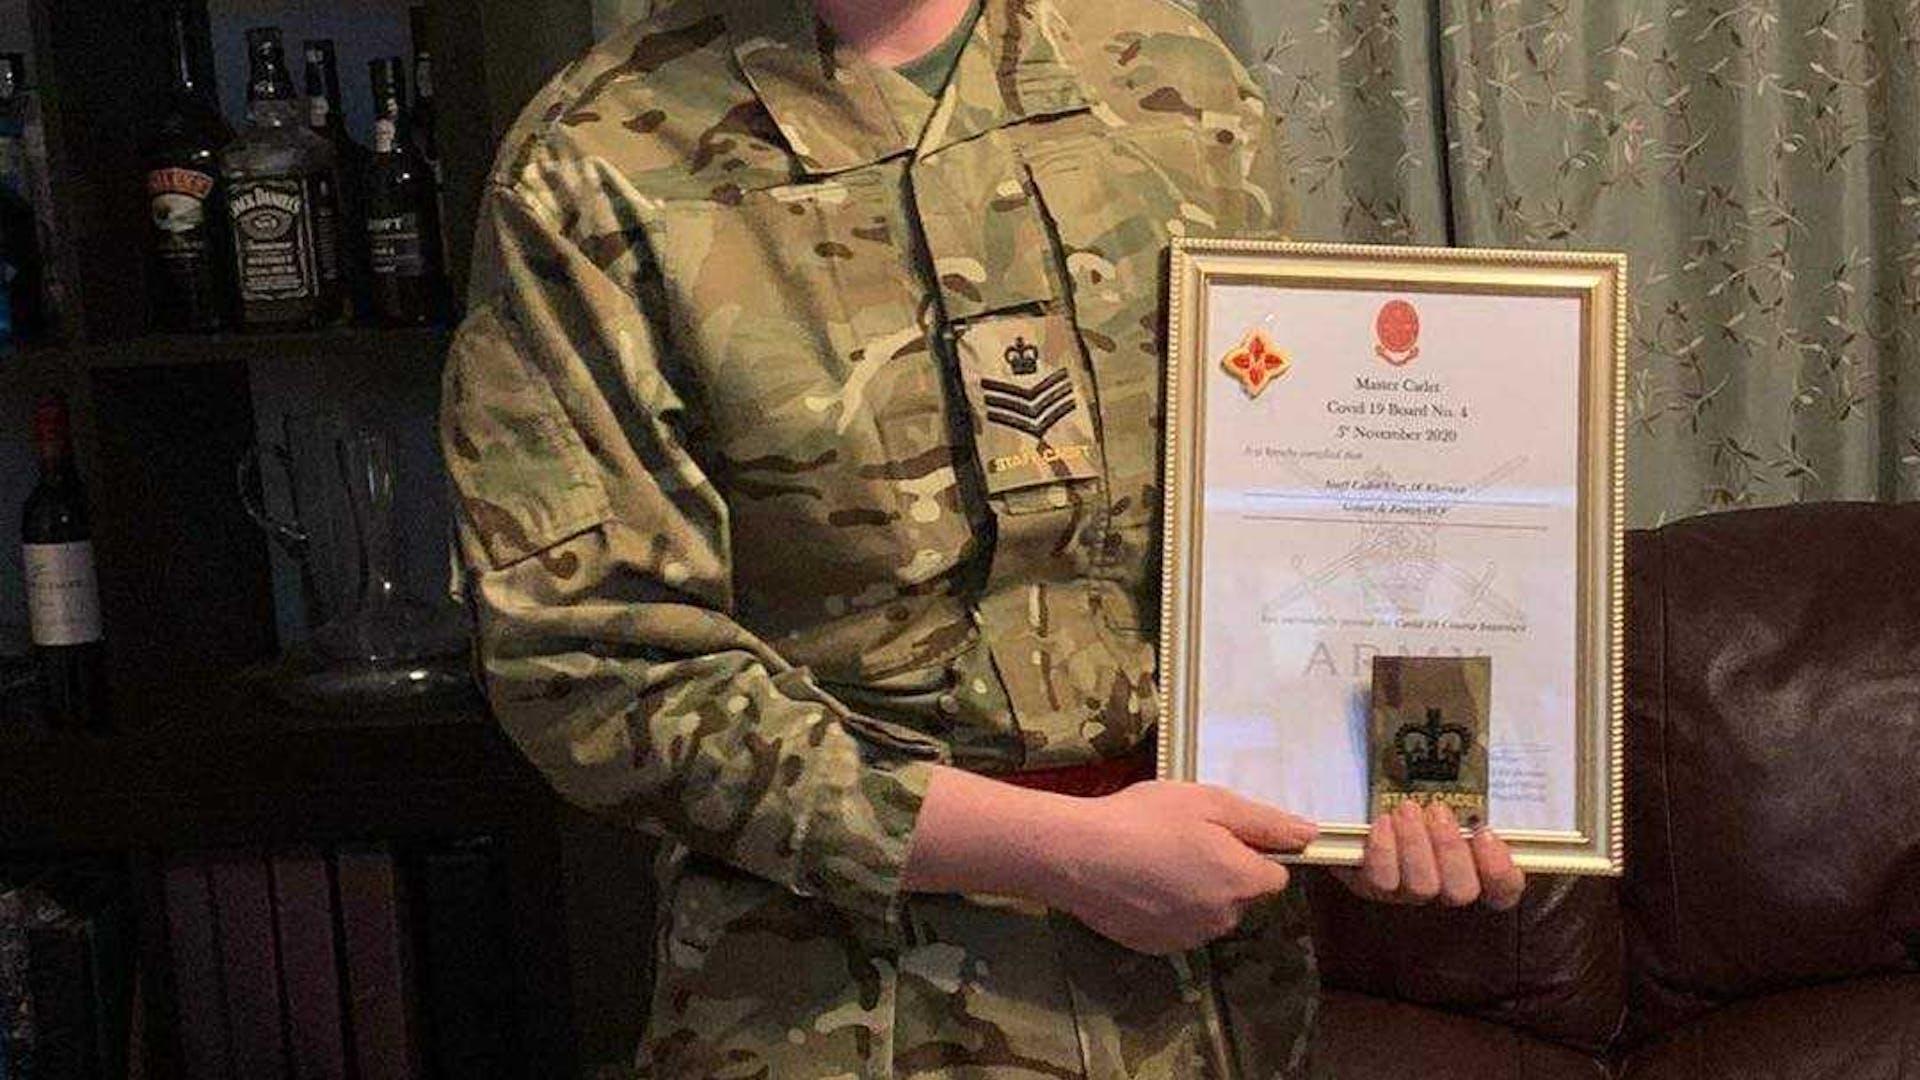 Jacob Kiernan Certificate